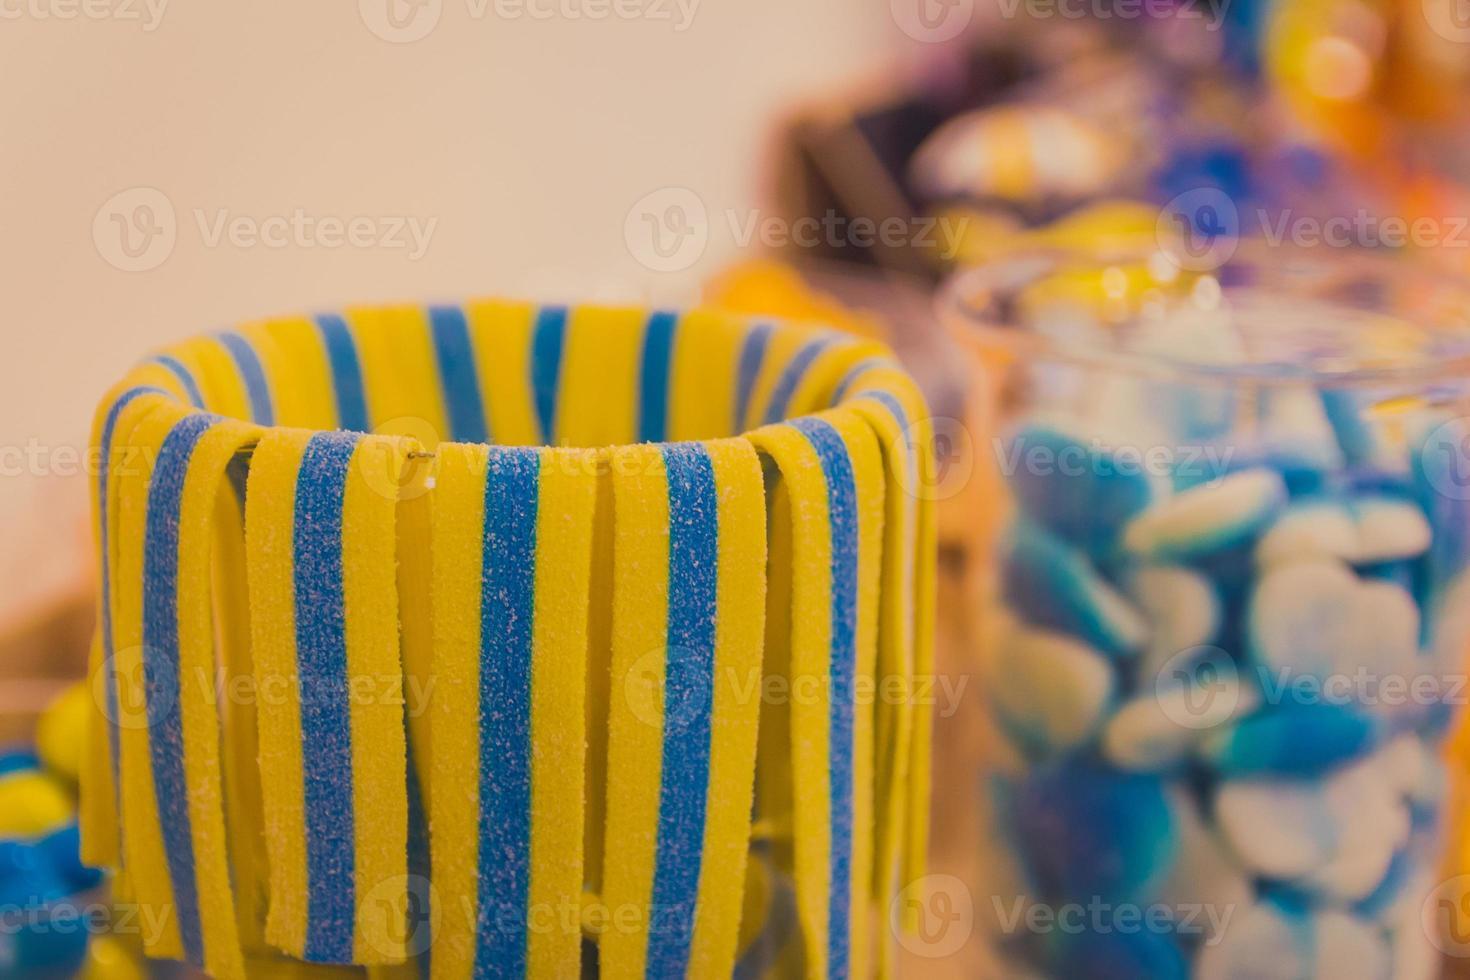 närbild av skålen med färgglada söta välsmakande gummy godis på barnens födelsedagsfest foto